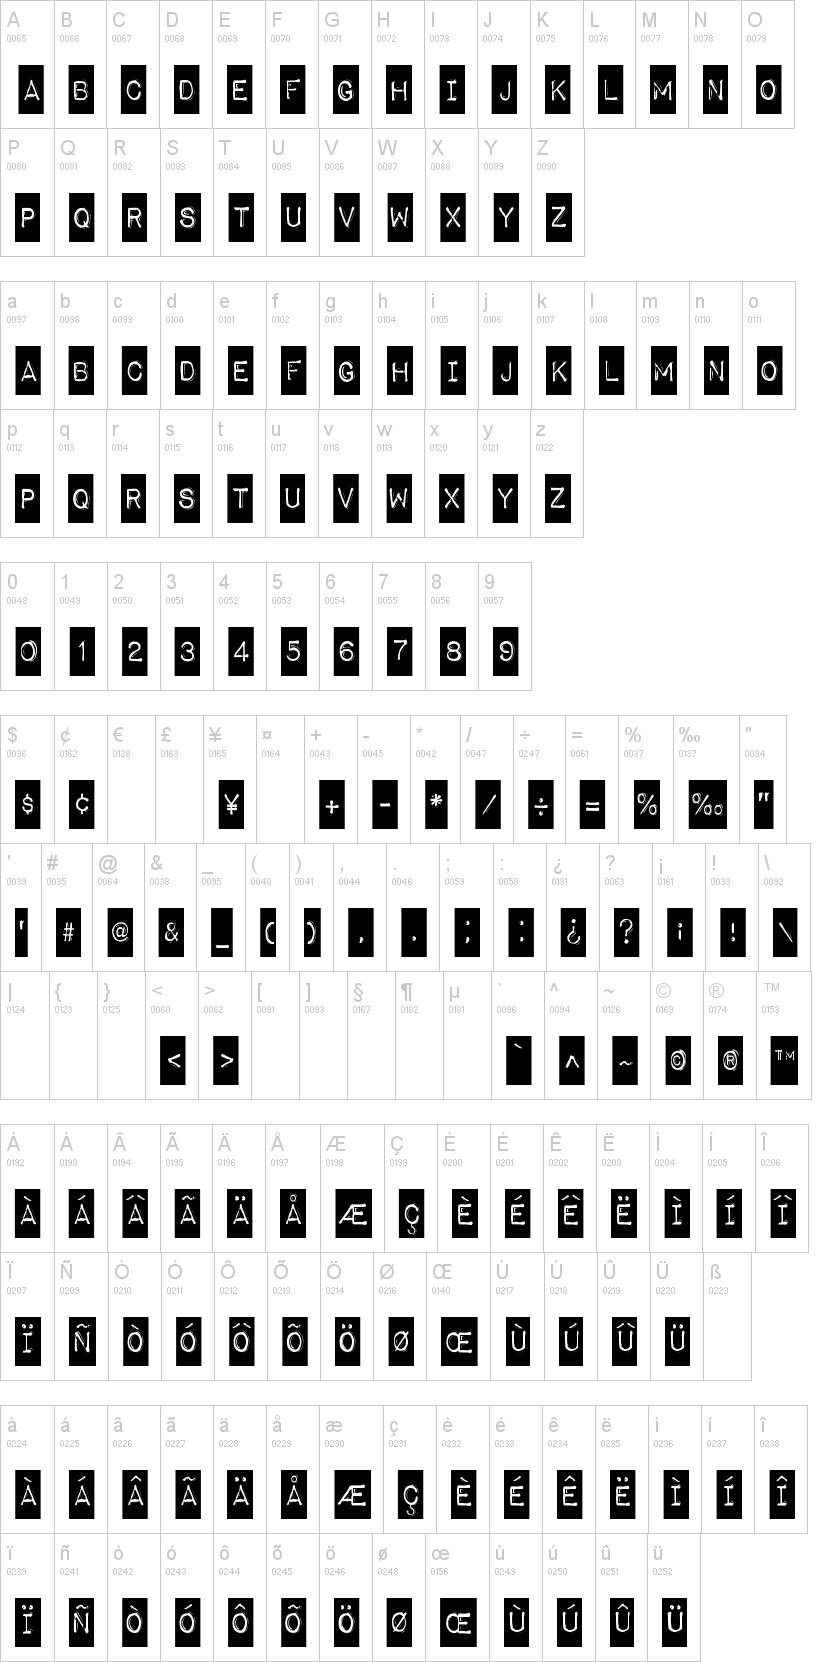 Impact Label Font  DafontCom